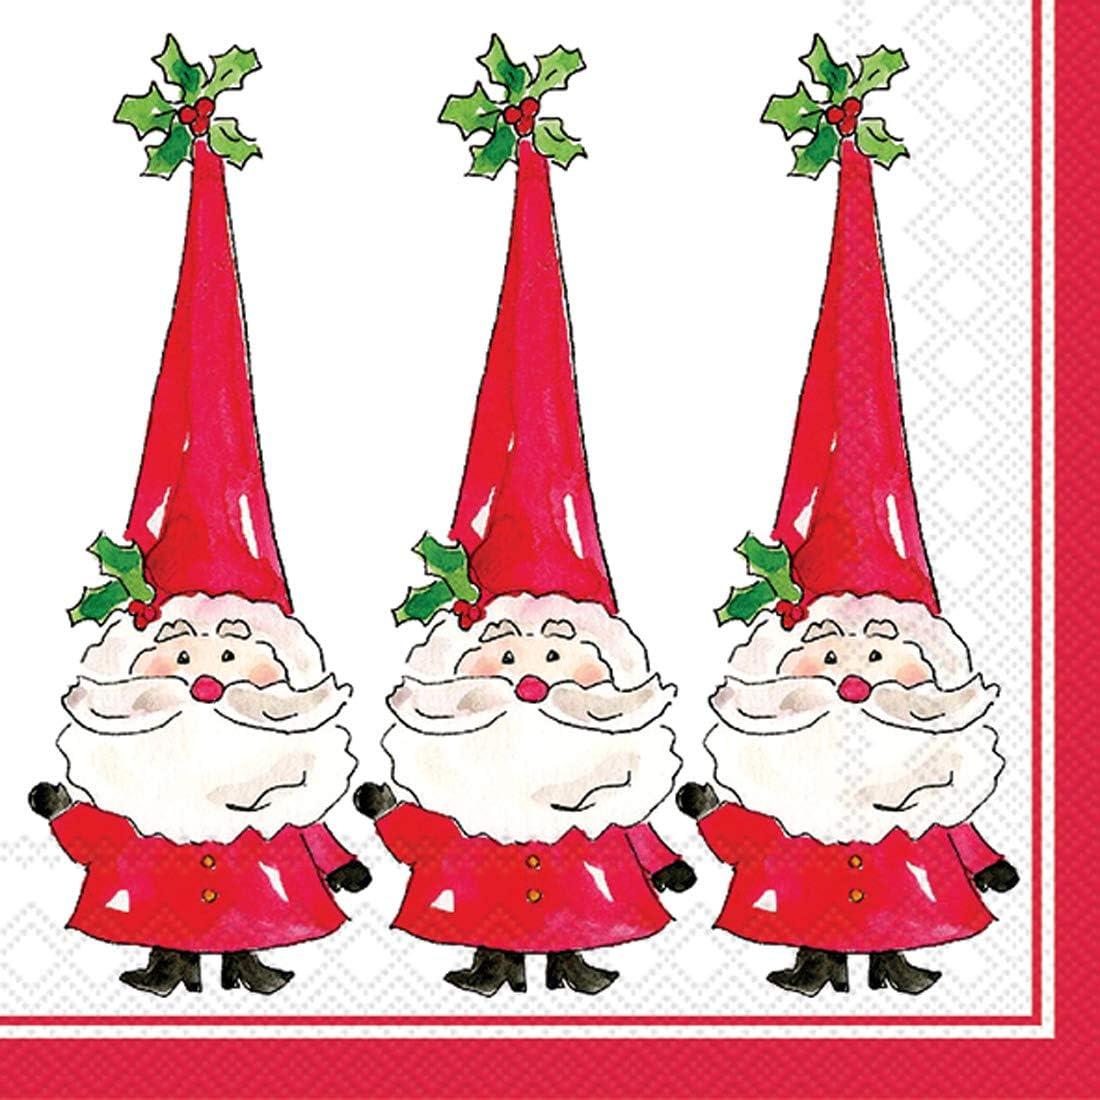 Ideal Home Range 40 Count 3-Ply Paper Beverage Drink Dessert Cocktail Christmas Napkins, Santa